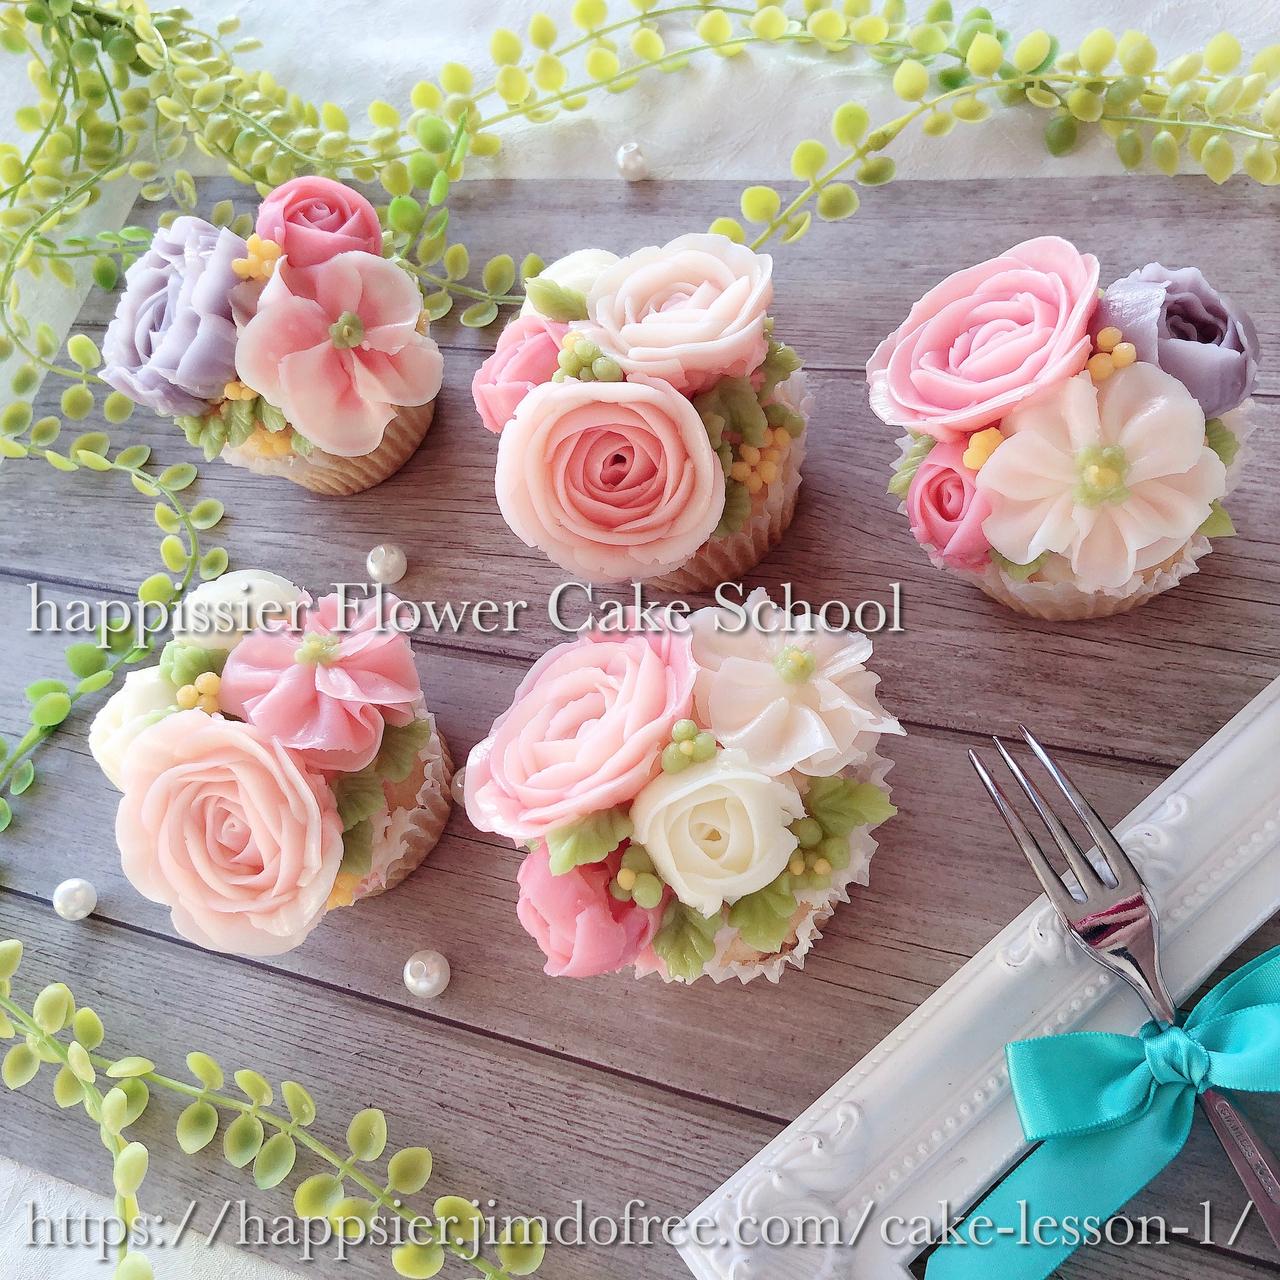 【東京】食べられるお花のカップケーキ2種